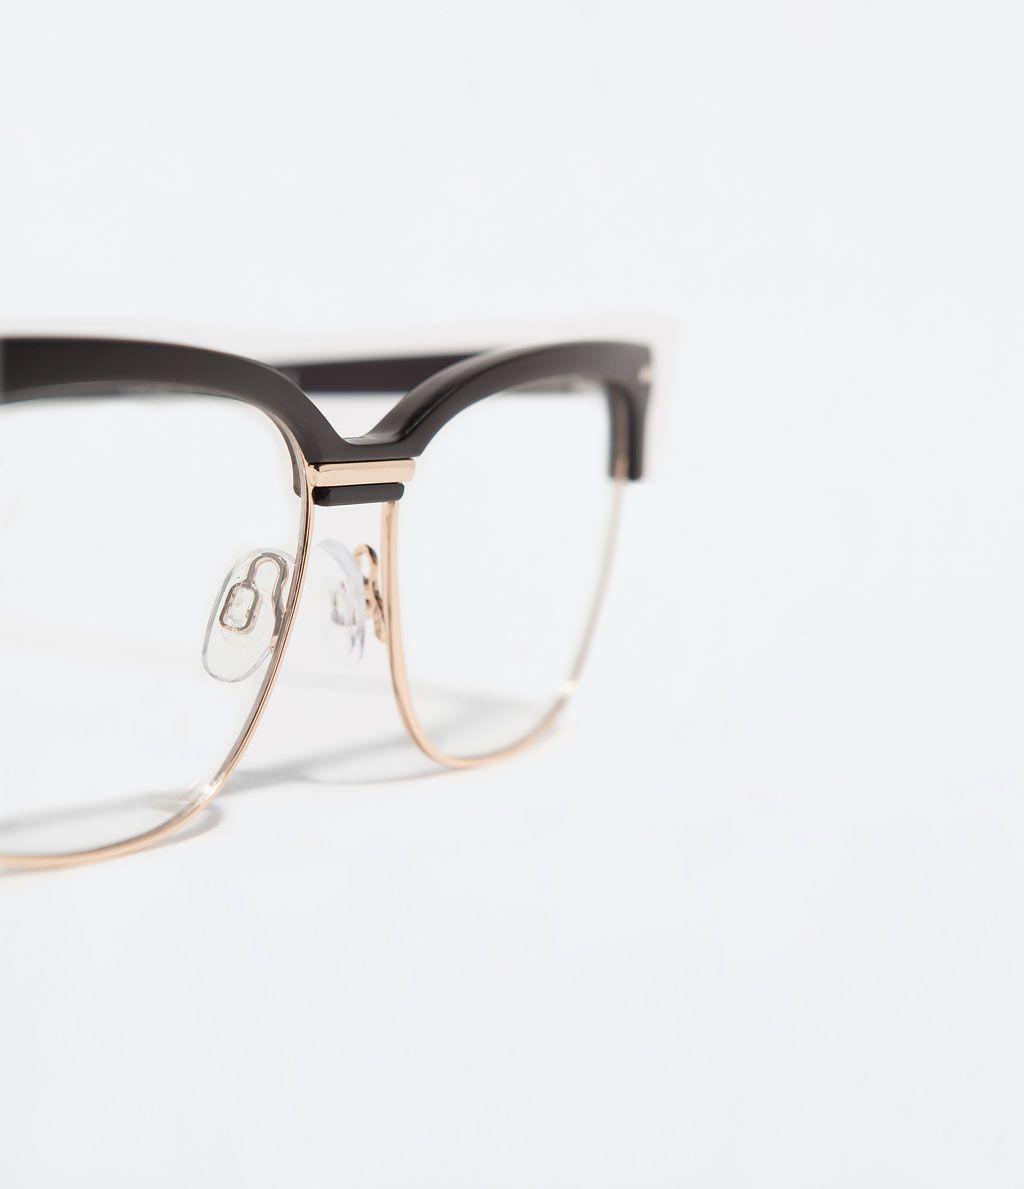 Réduction 99066 375b3 ZARA - HOMME - LUNETTES MONTURE MÉTALLIQUE | Sunglasses ...